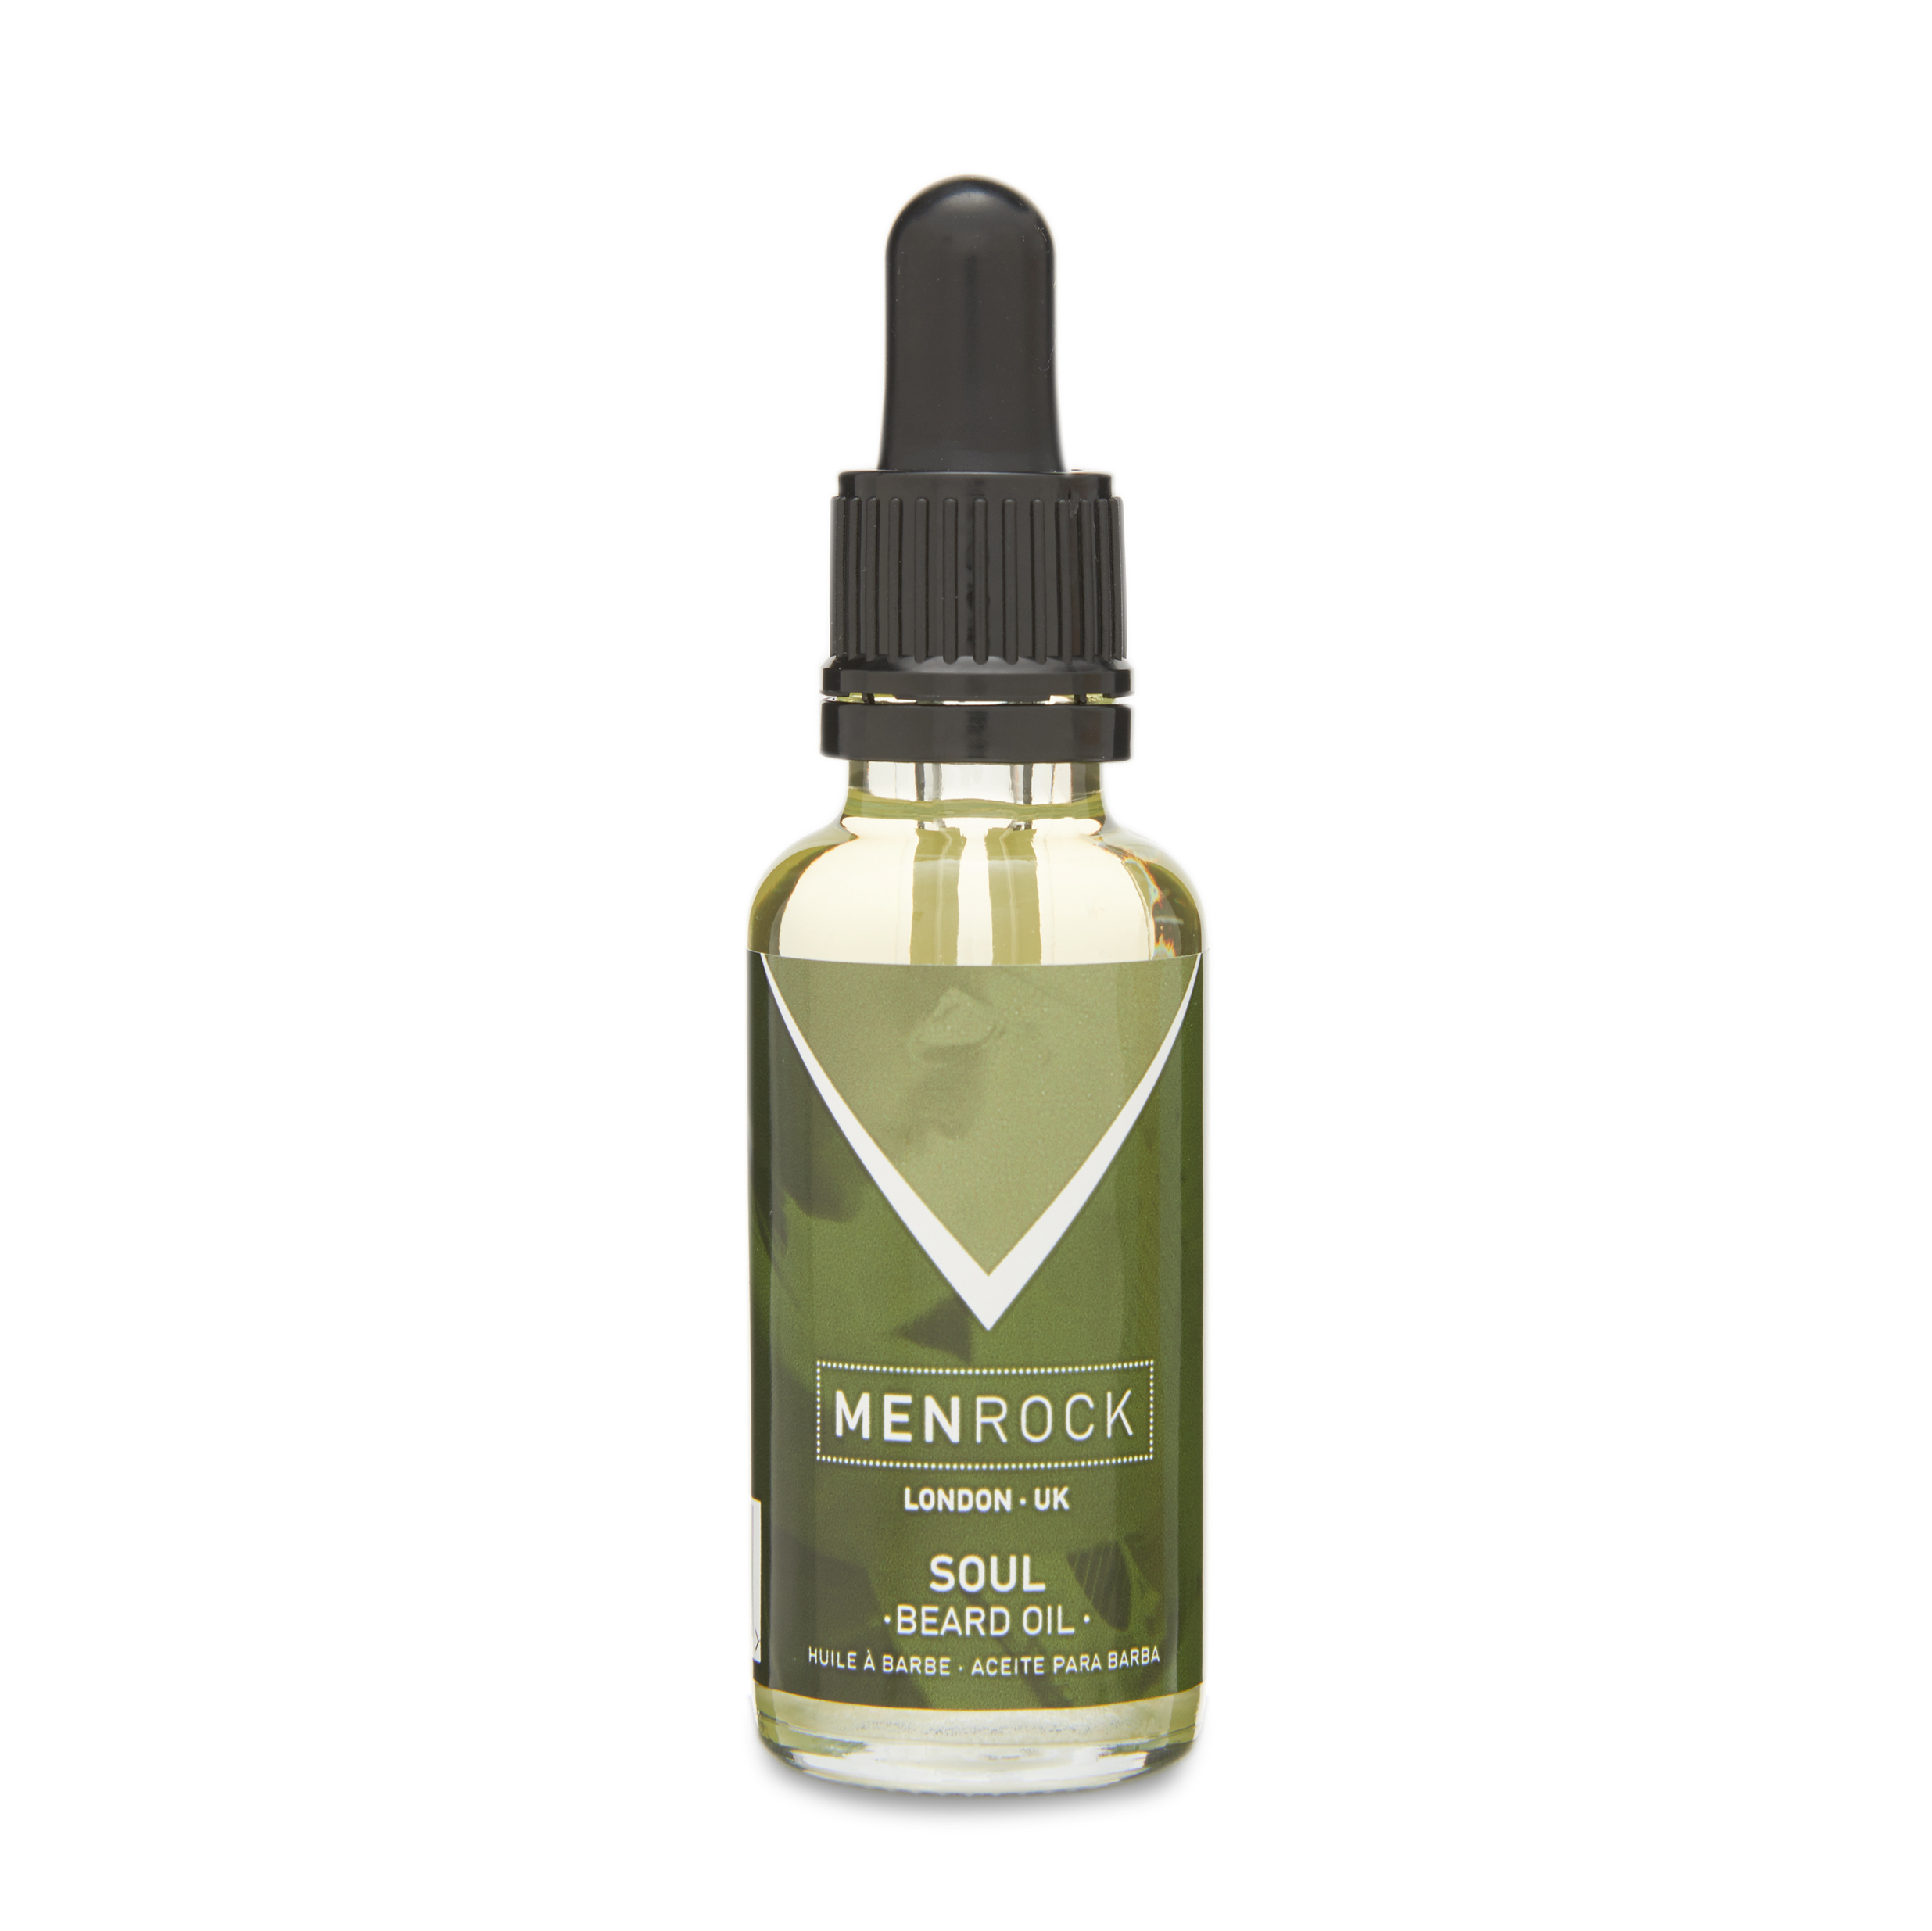 MENROCK Beard Oil - Soul 30ml